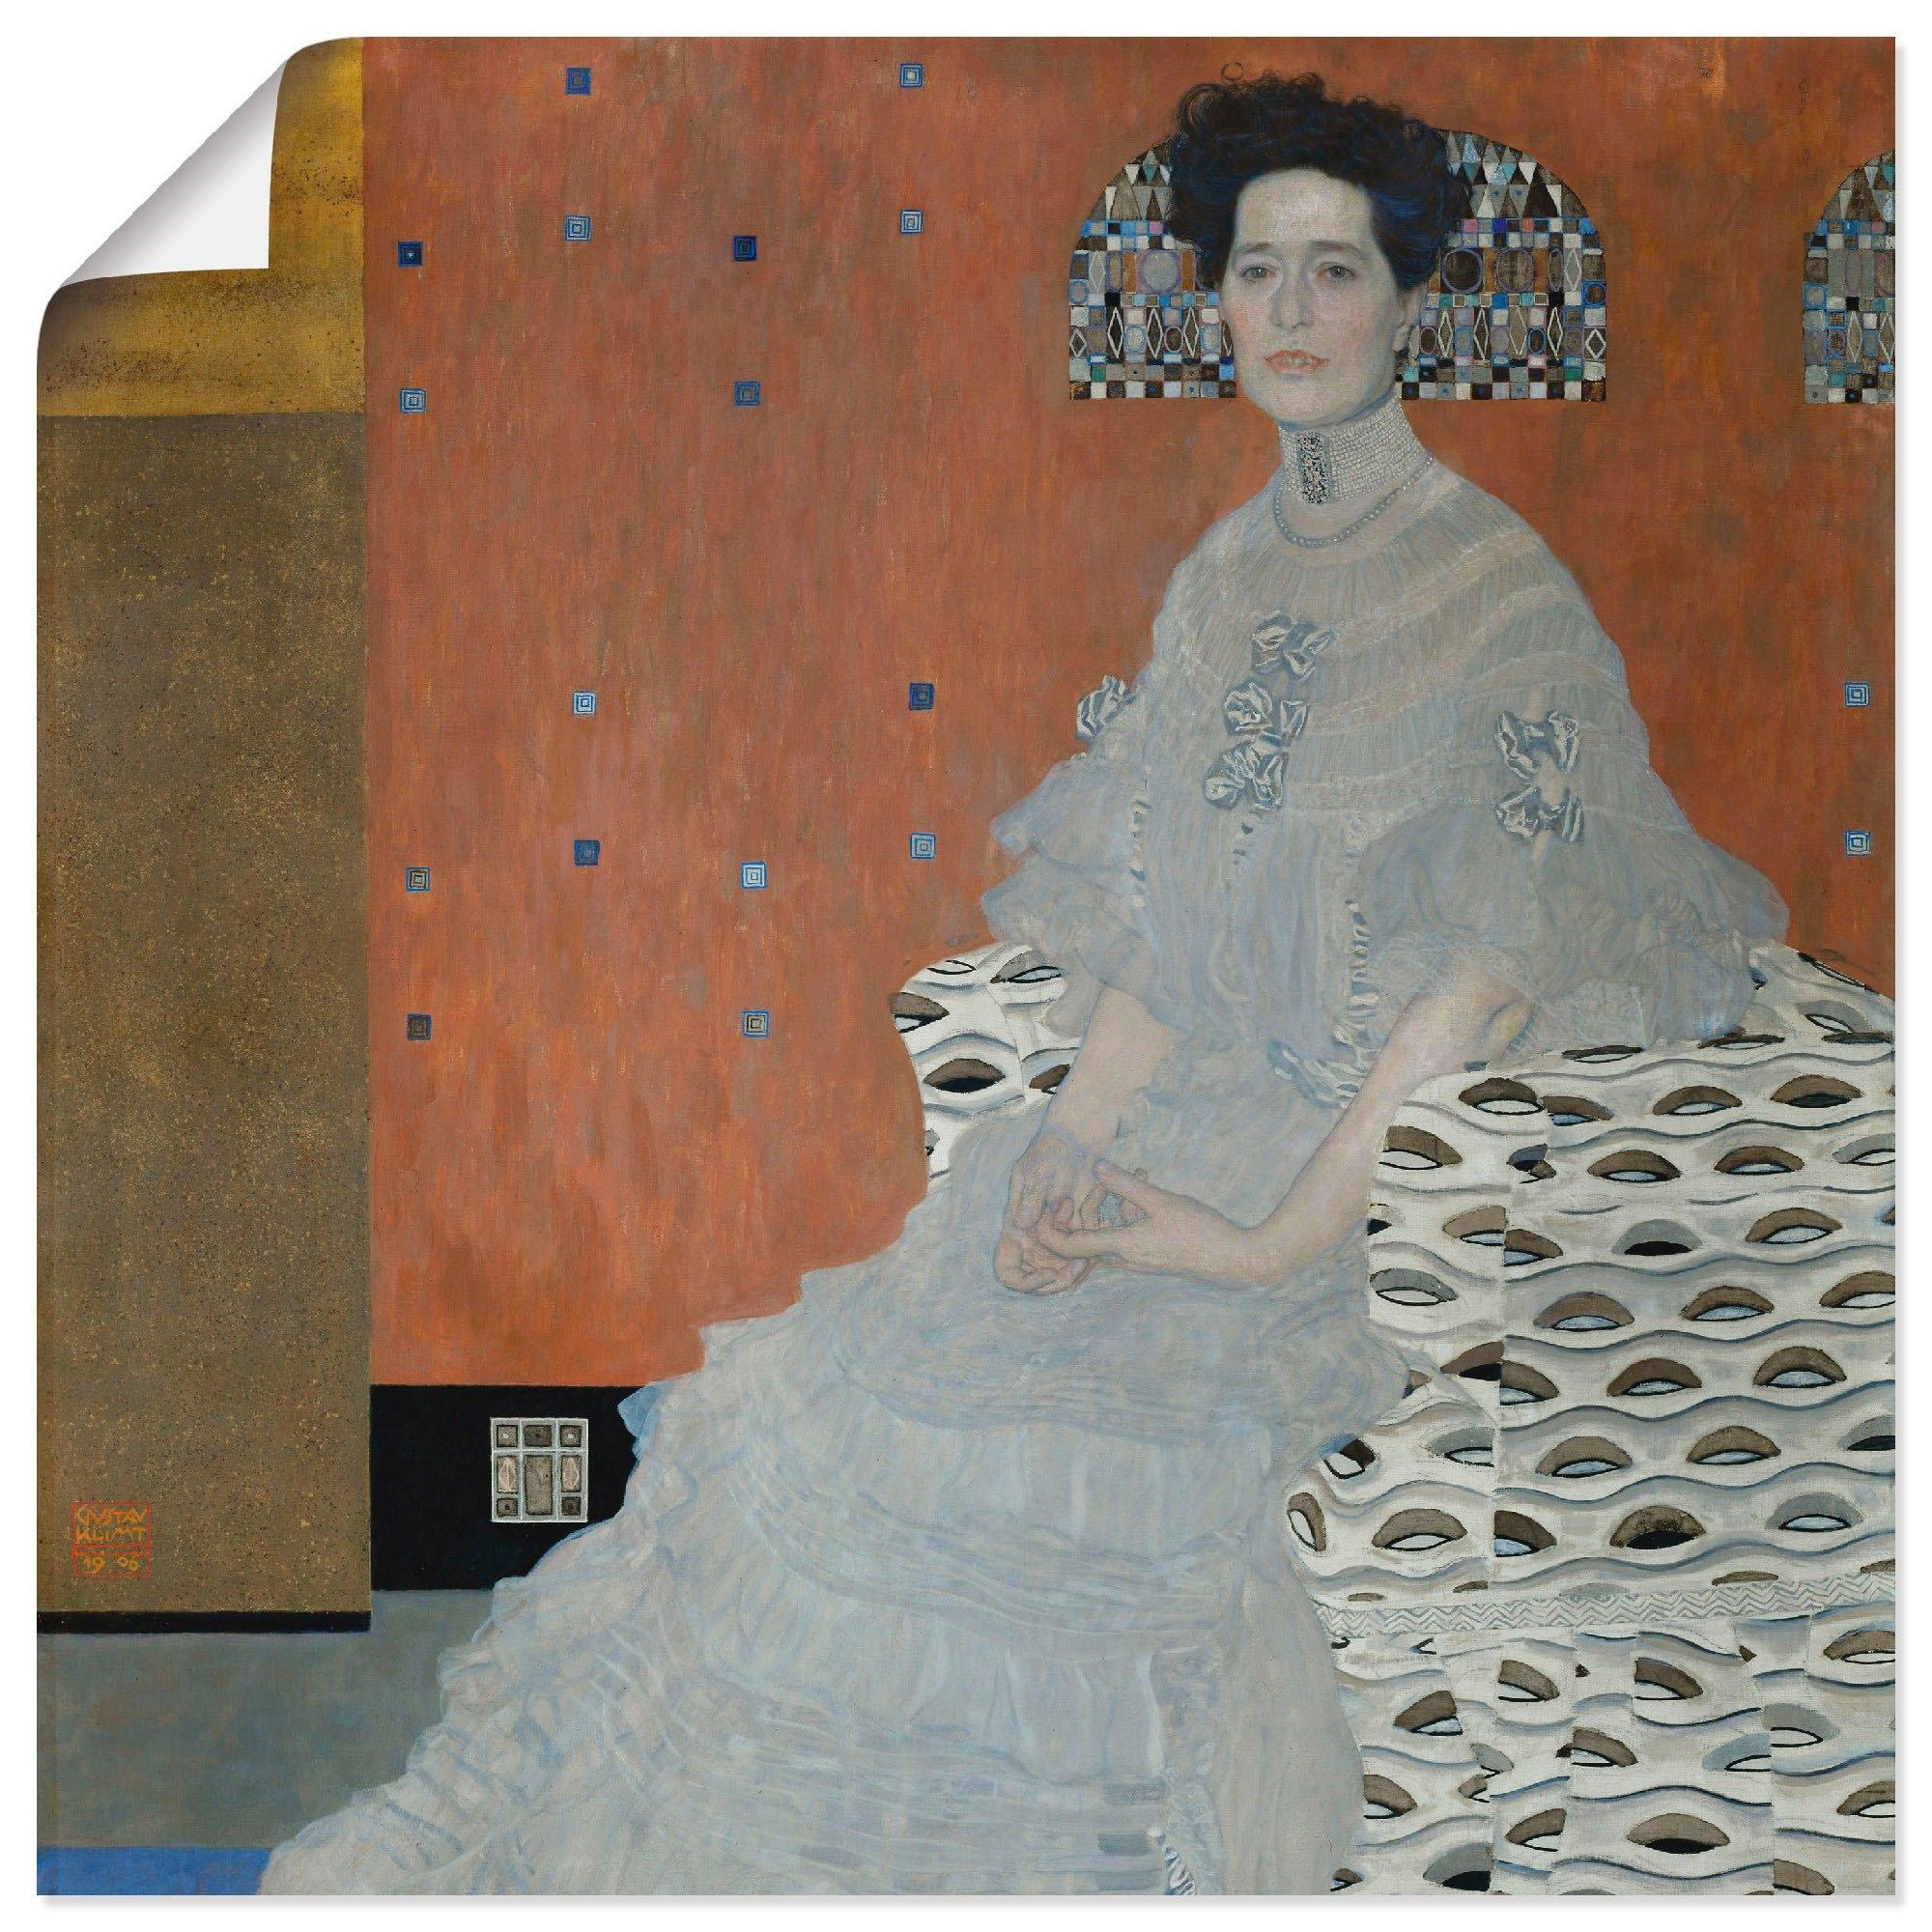 Artland artprint Fritza Riedler in vele afmetingen & productsoorten -artprint op linnen, poster, muursticker / wandfolie ook geschikt voor de badkamer (1 stuk) voordelig en veilig online kopen